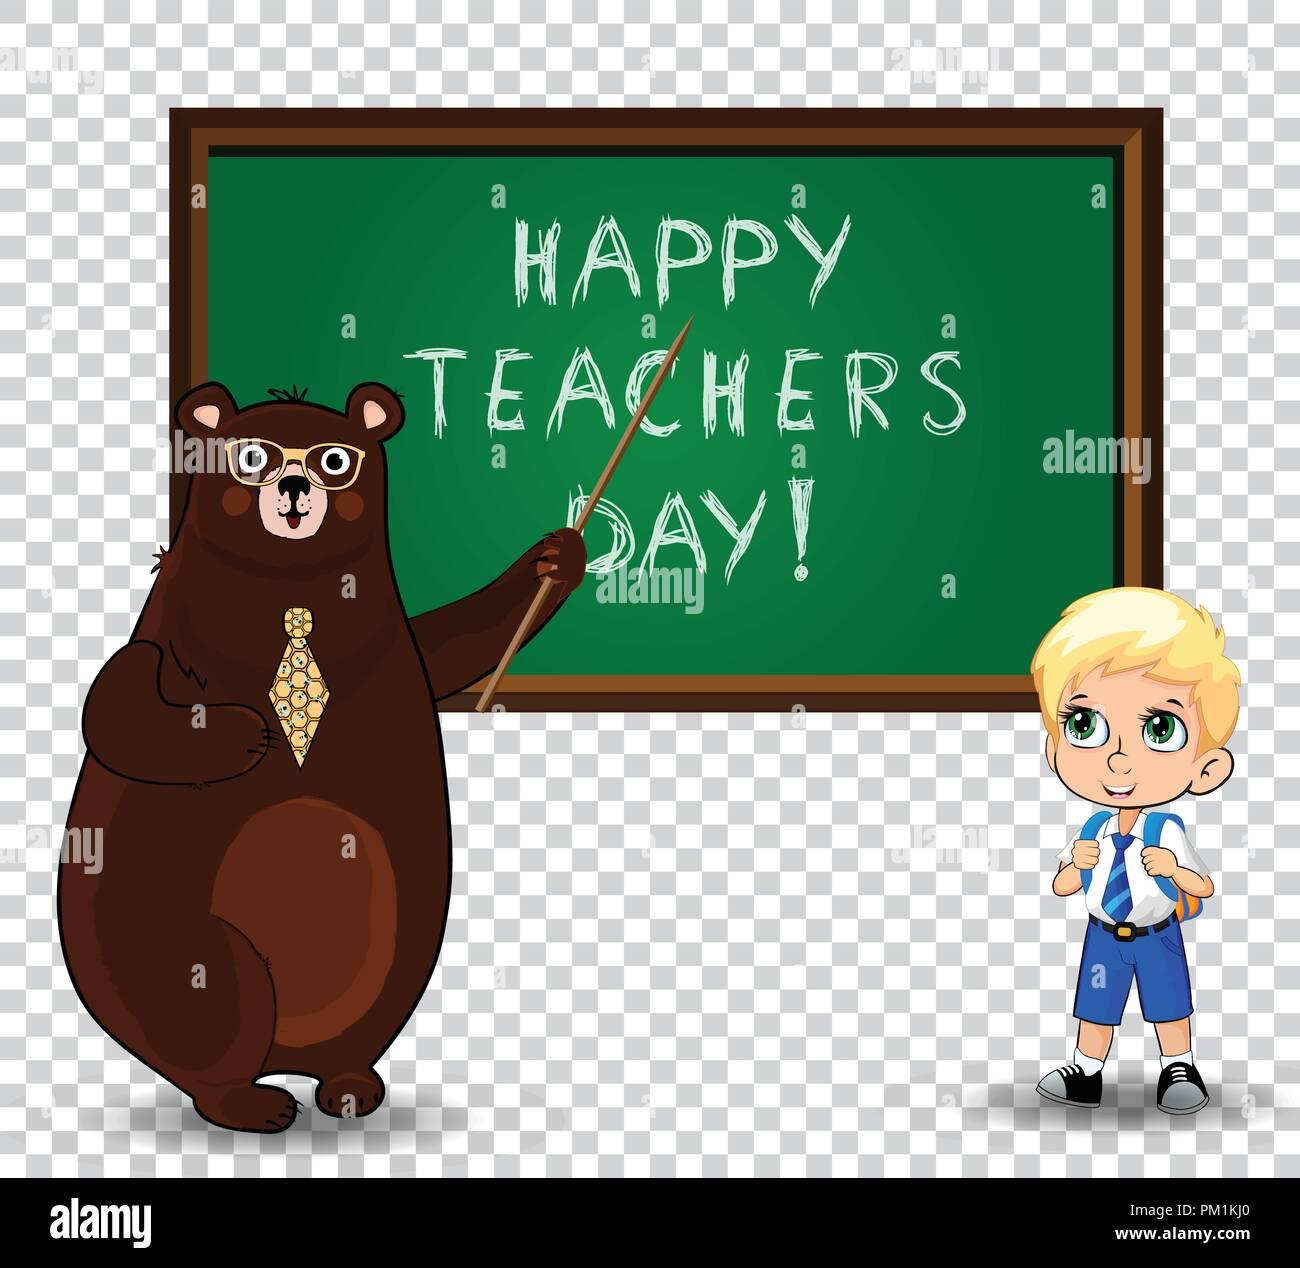 Happy Teachers Day Greeting Card Clip Art With Cartoon Bear Teacher